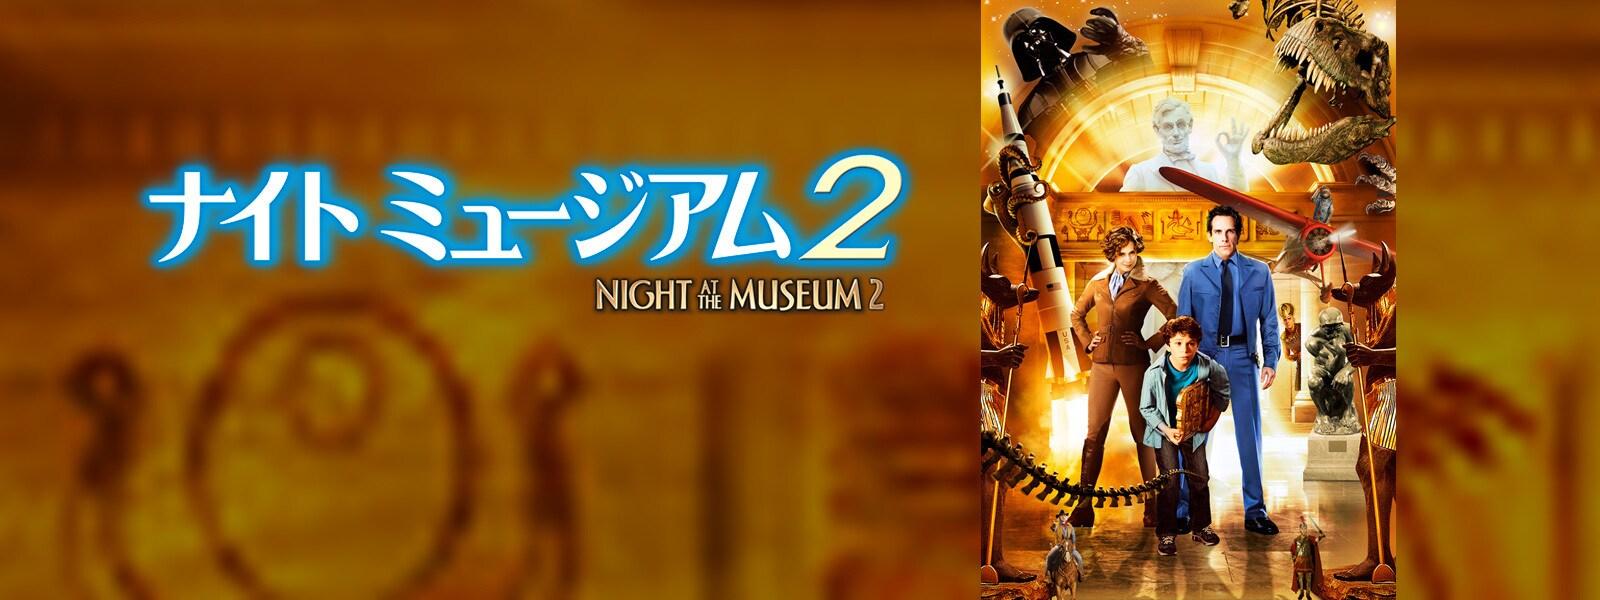 ナイト ミュージアム2 Night at the Museum: Battle of the Smithsonian Hero